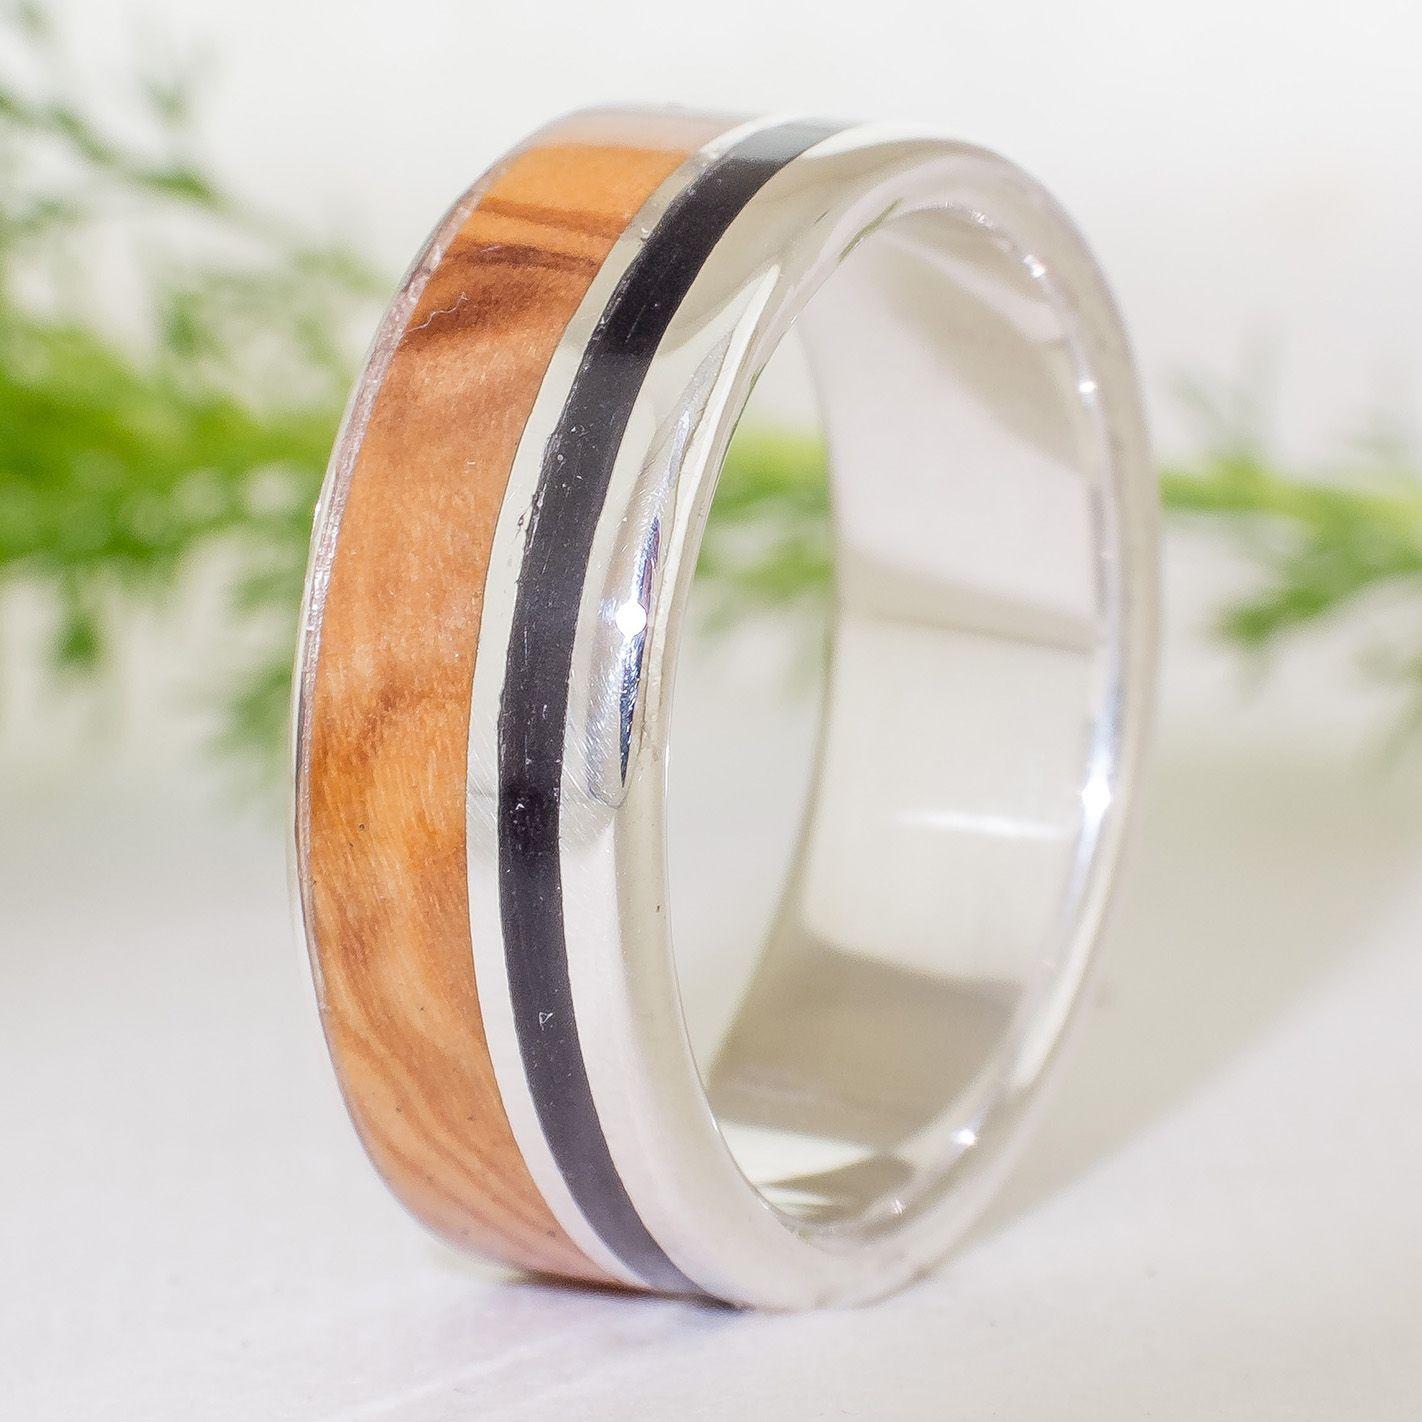 Anillo de plata y madera Anillo ebano anillo olivo